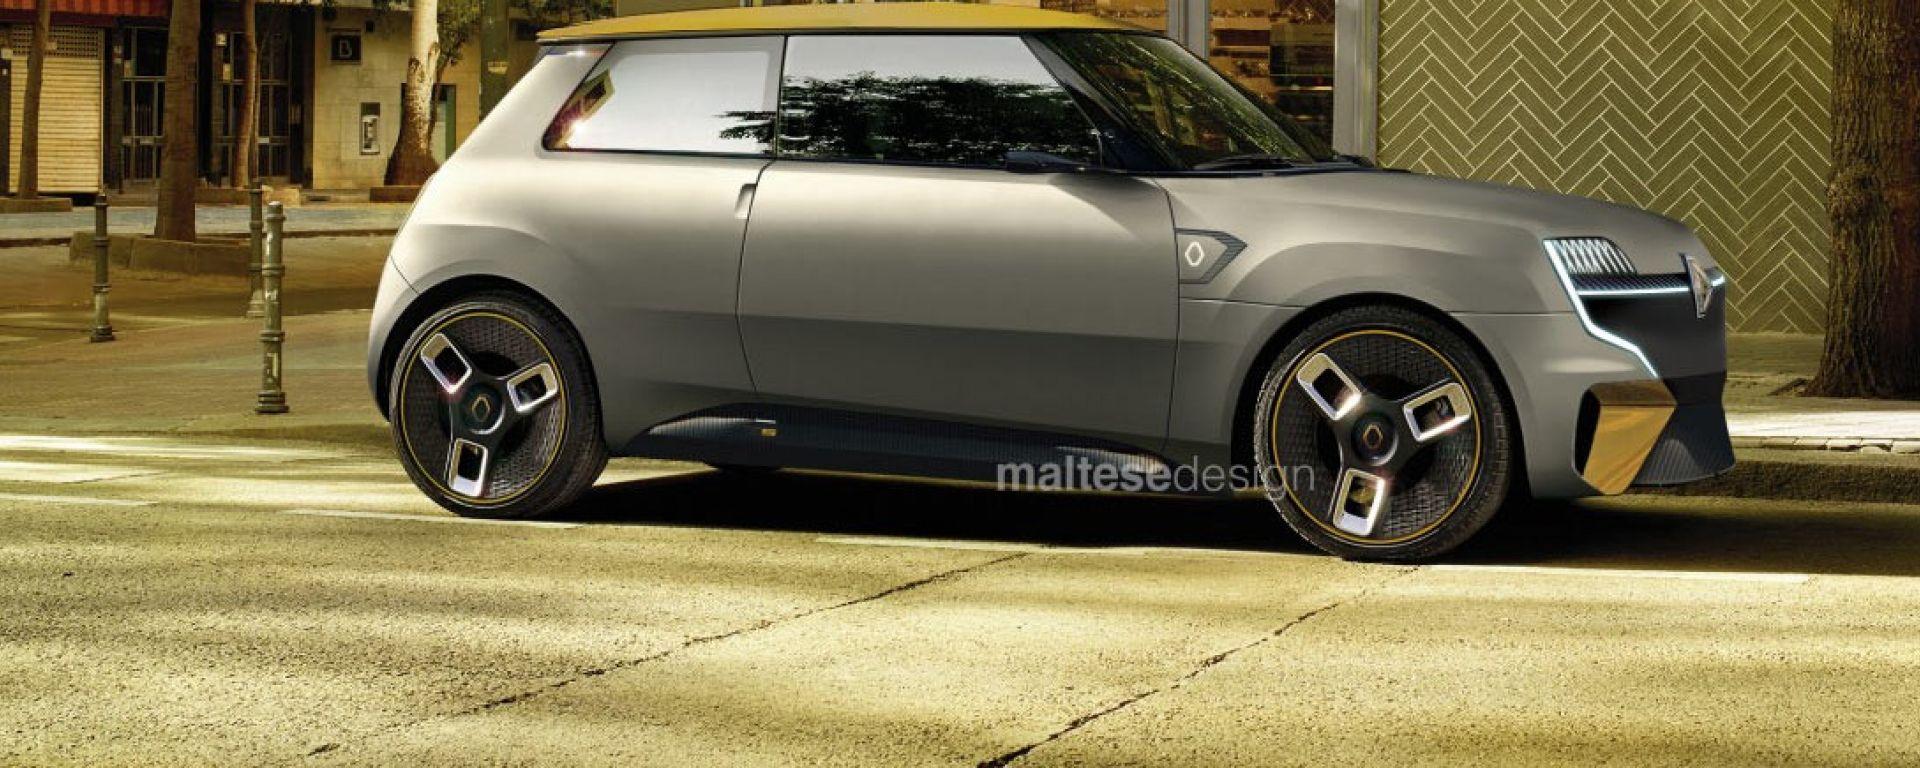 Nuova Renault 5 Concept, il render di Marco Maltese